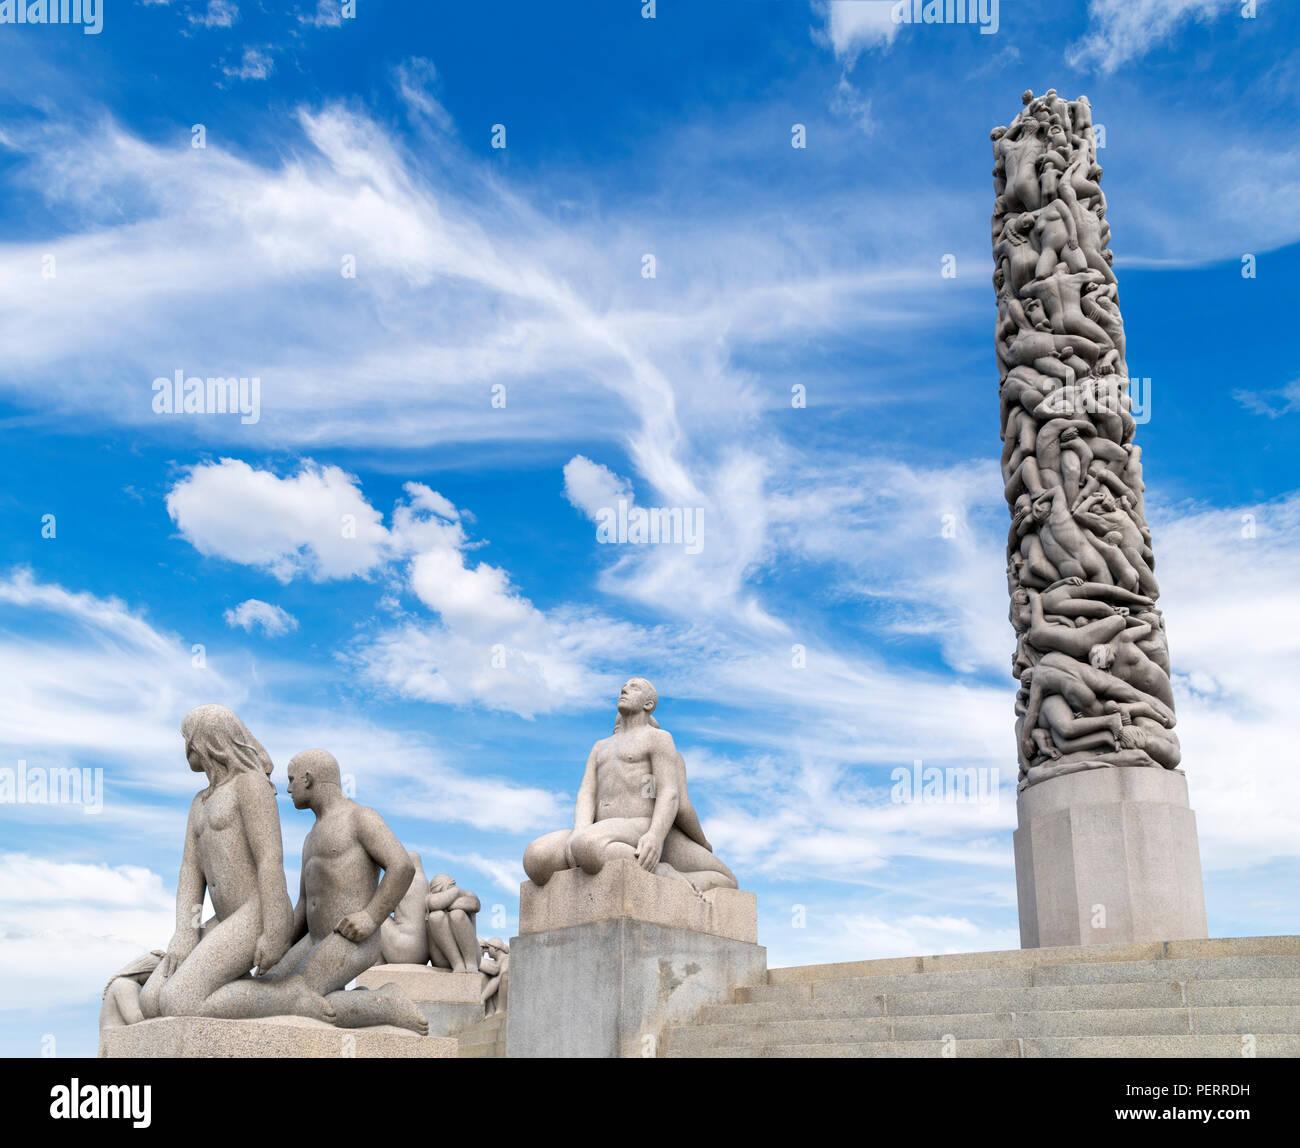 Parco delle Sculture di Vigeland, Oslo. Il monolito e altre sculture di scultore norvegese Gustav Vigeland, Vigelandsparken, Frognerpark, Oslo, Norvegia Foto Stock